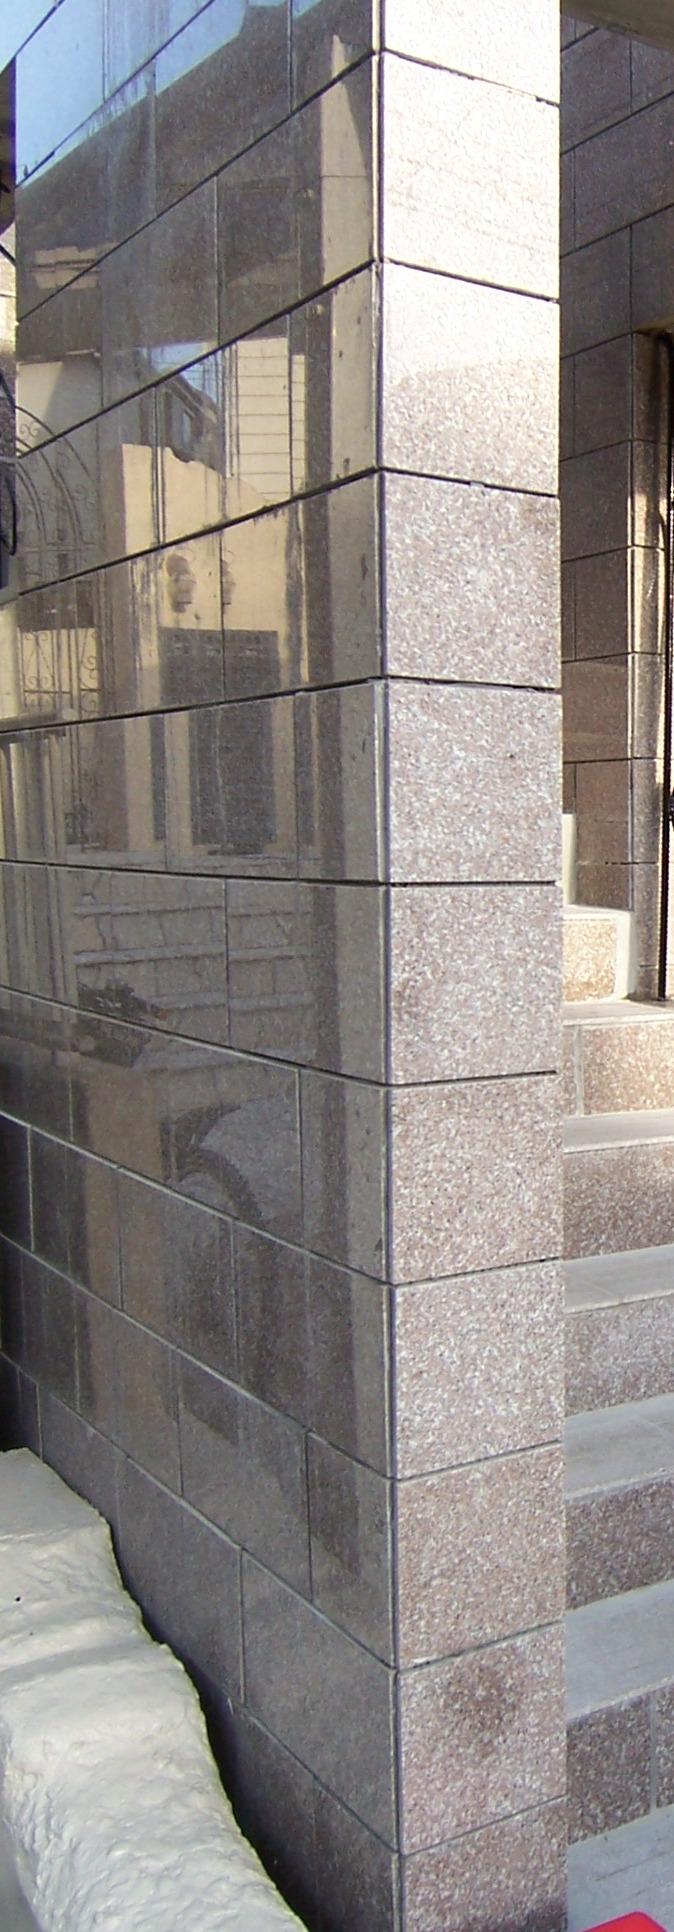 柏外壁201112220606123c0